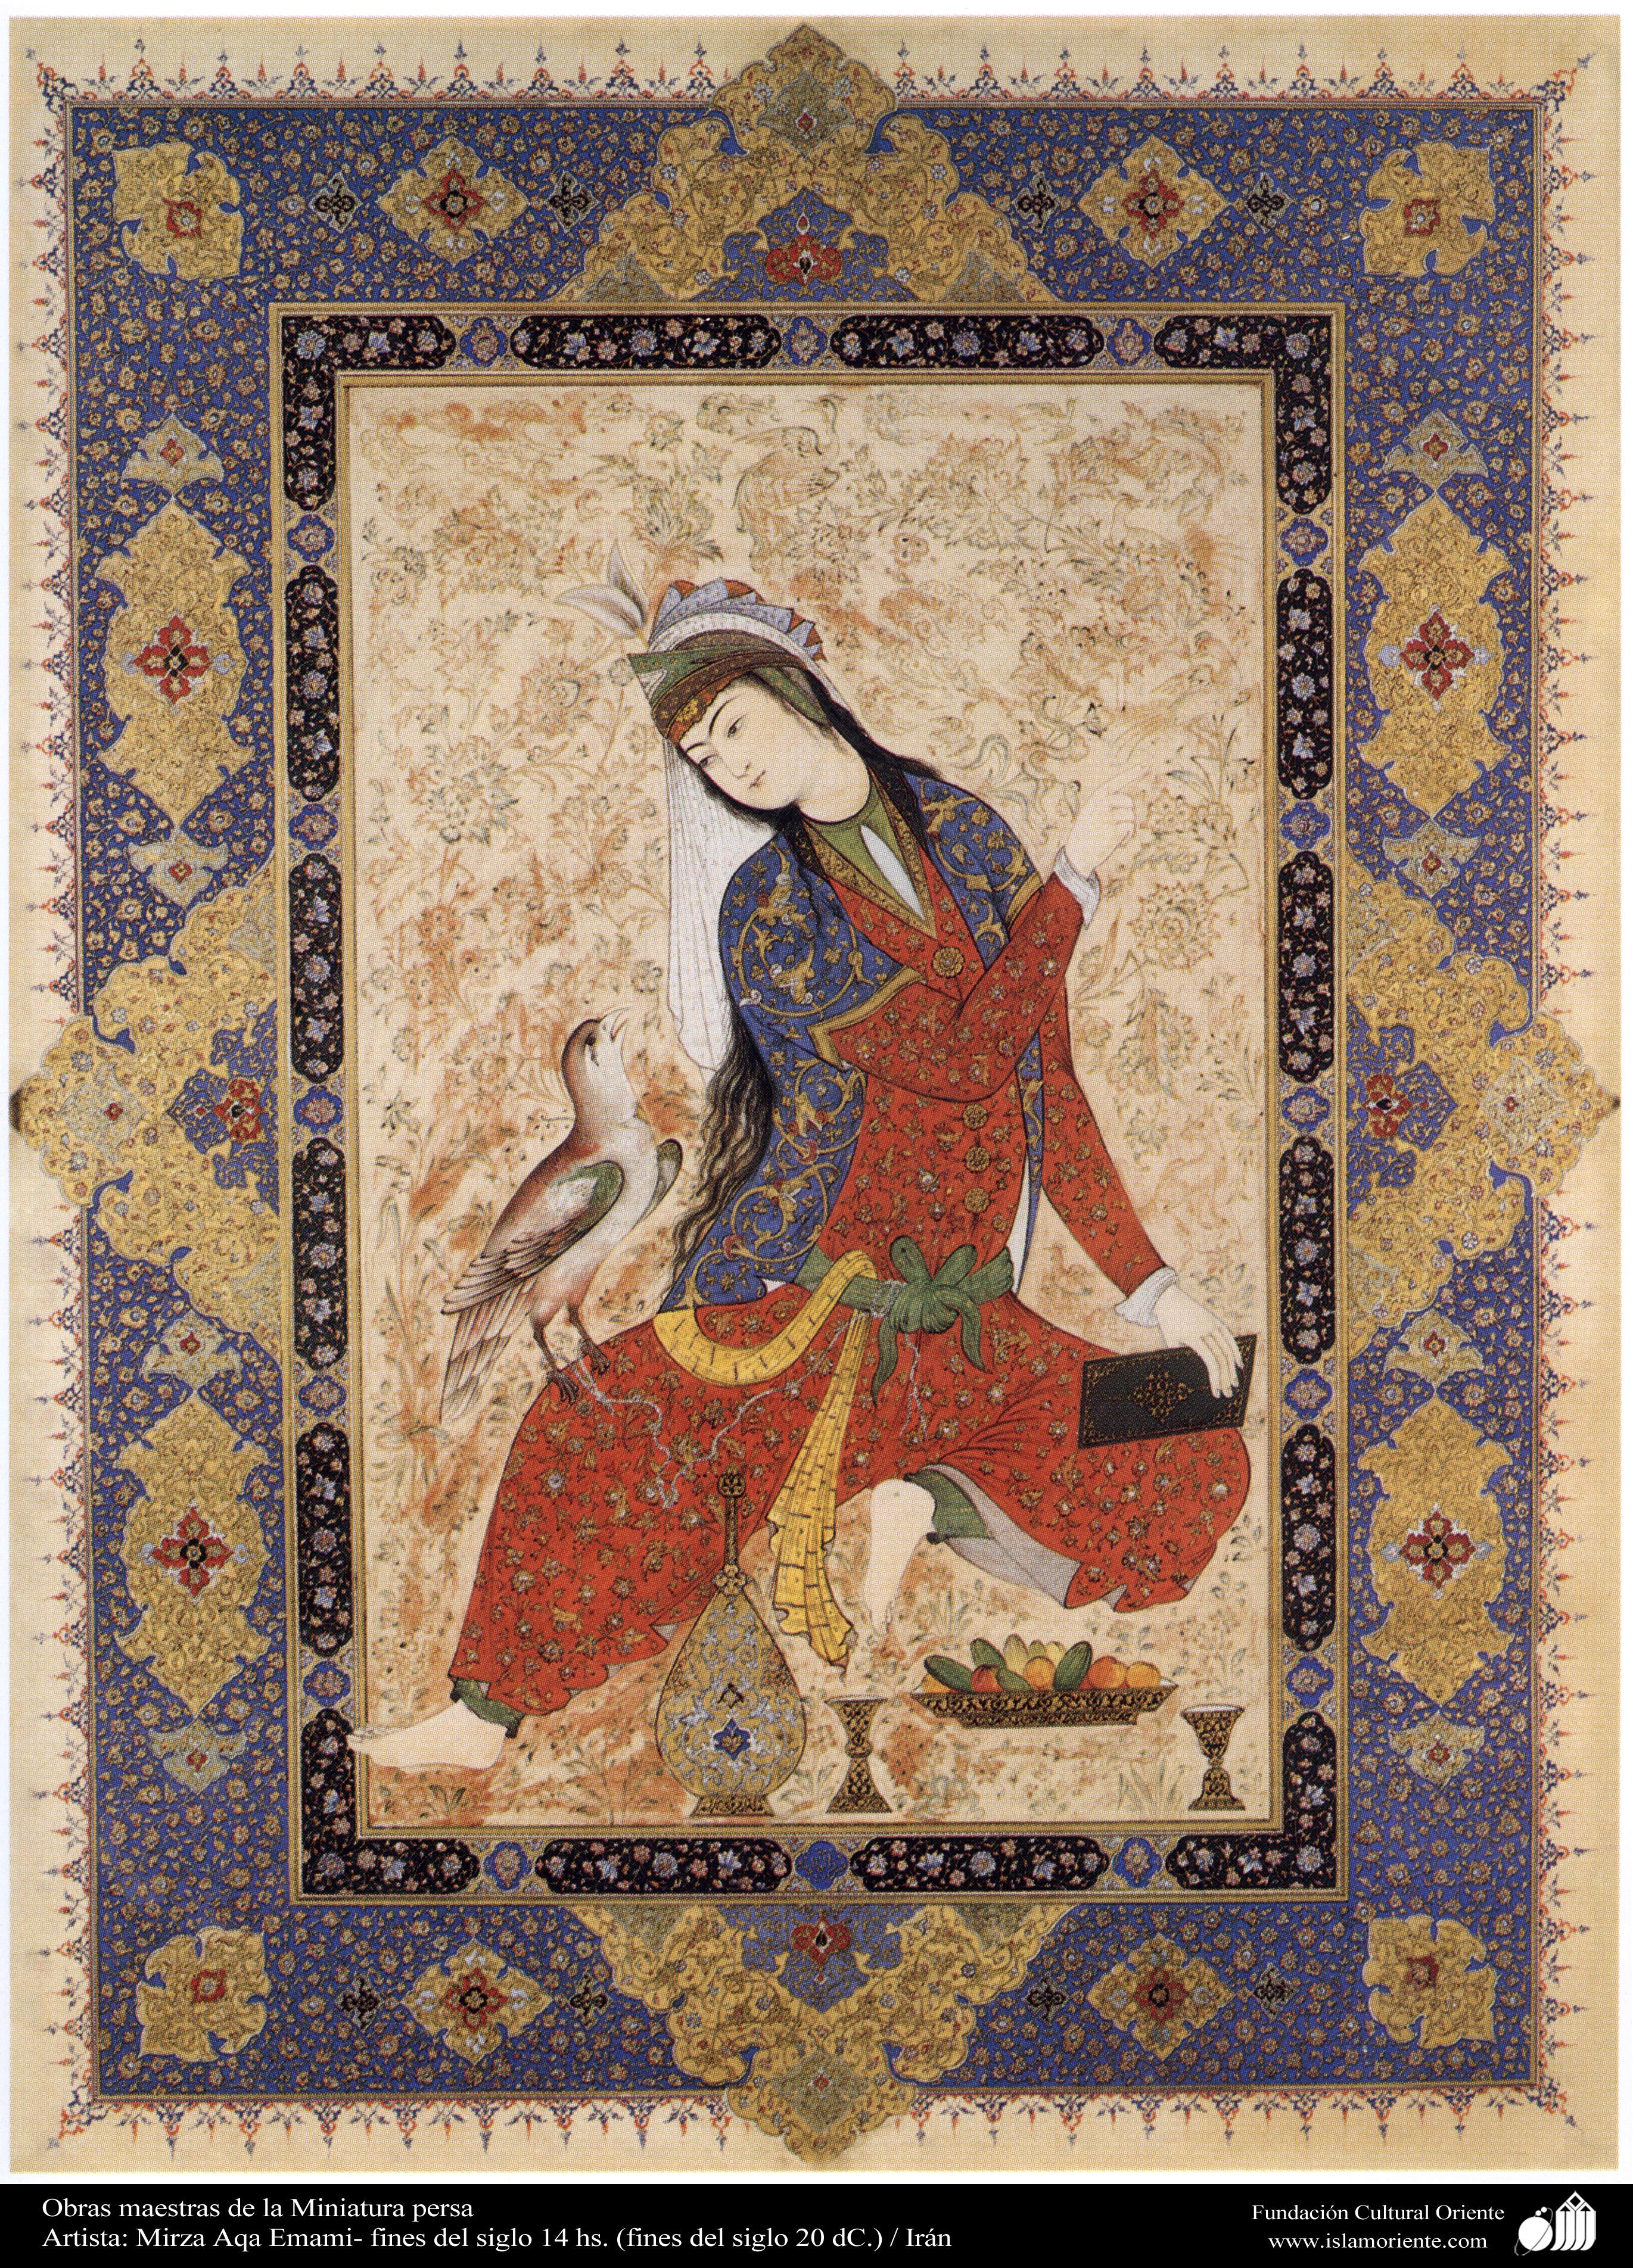 زنان مهم شاهنامه ایرانی نیستند؛ چرا؟